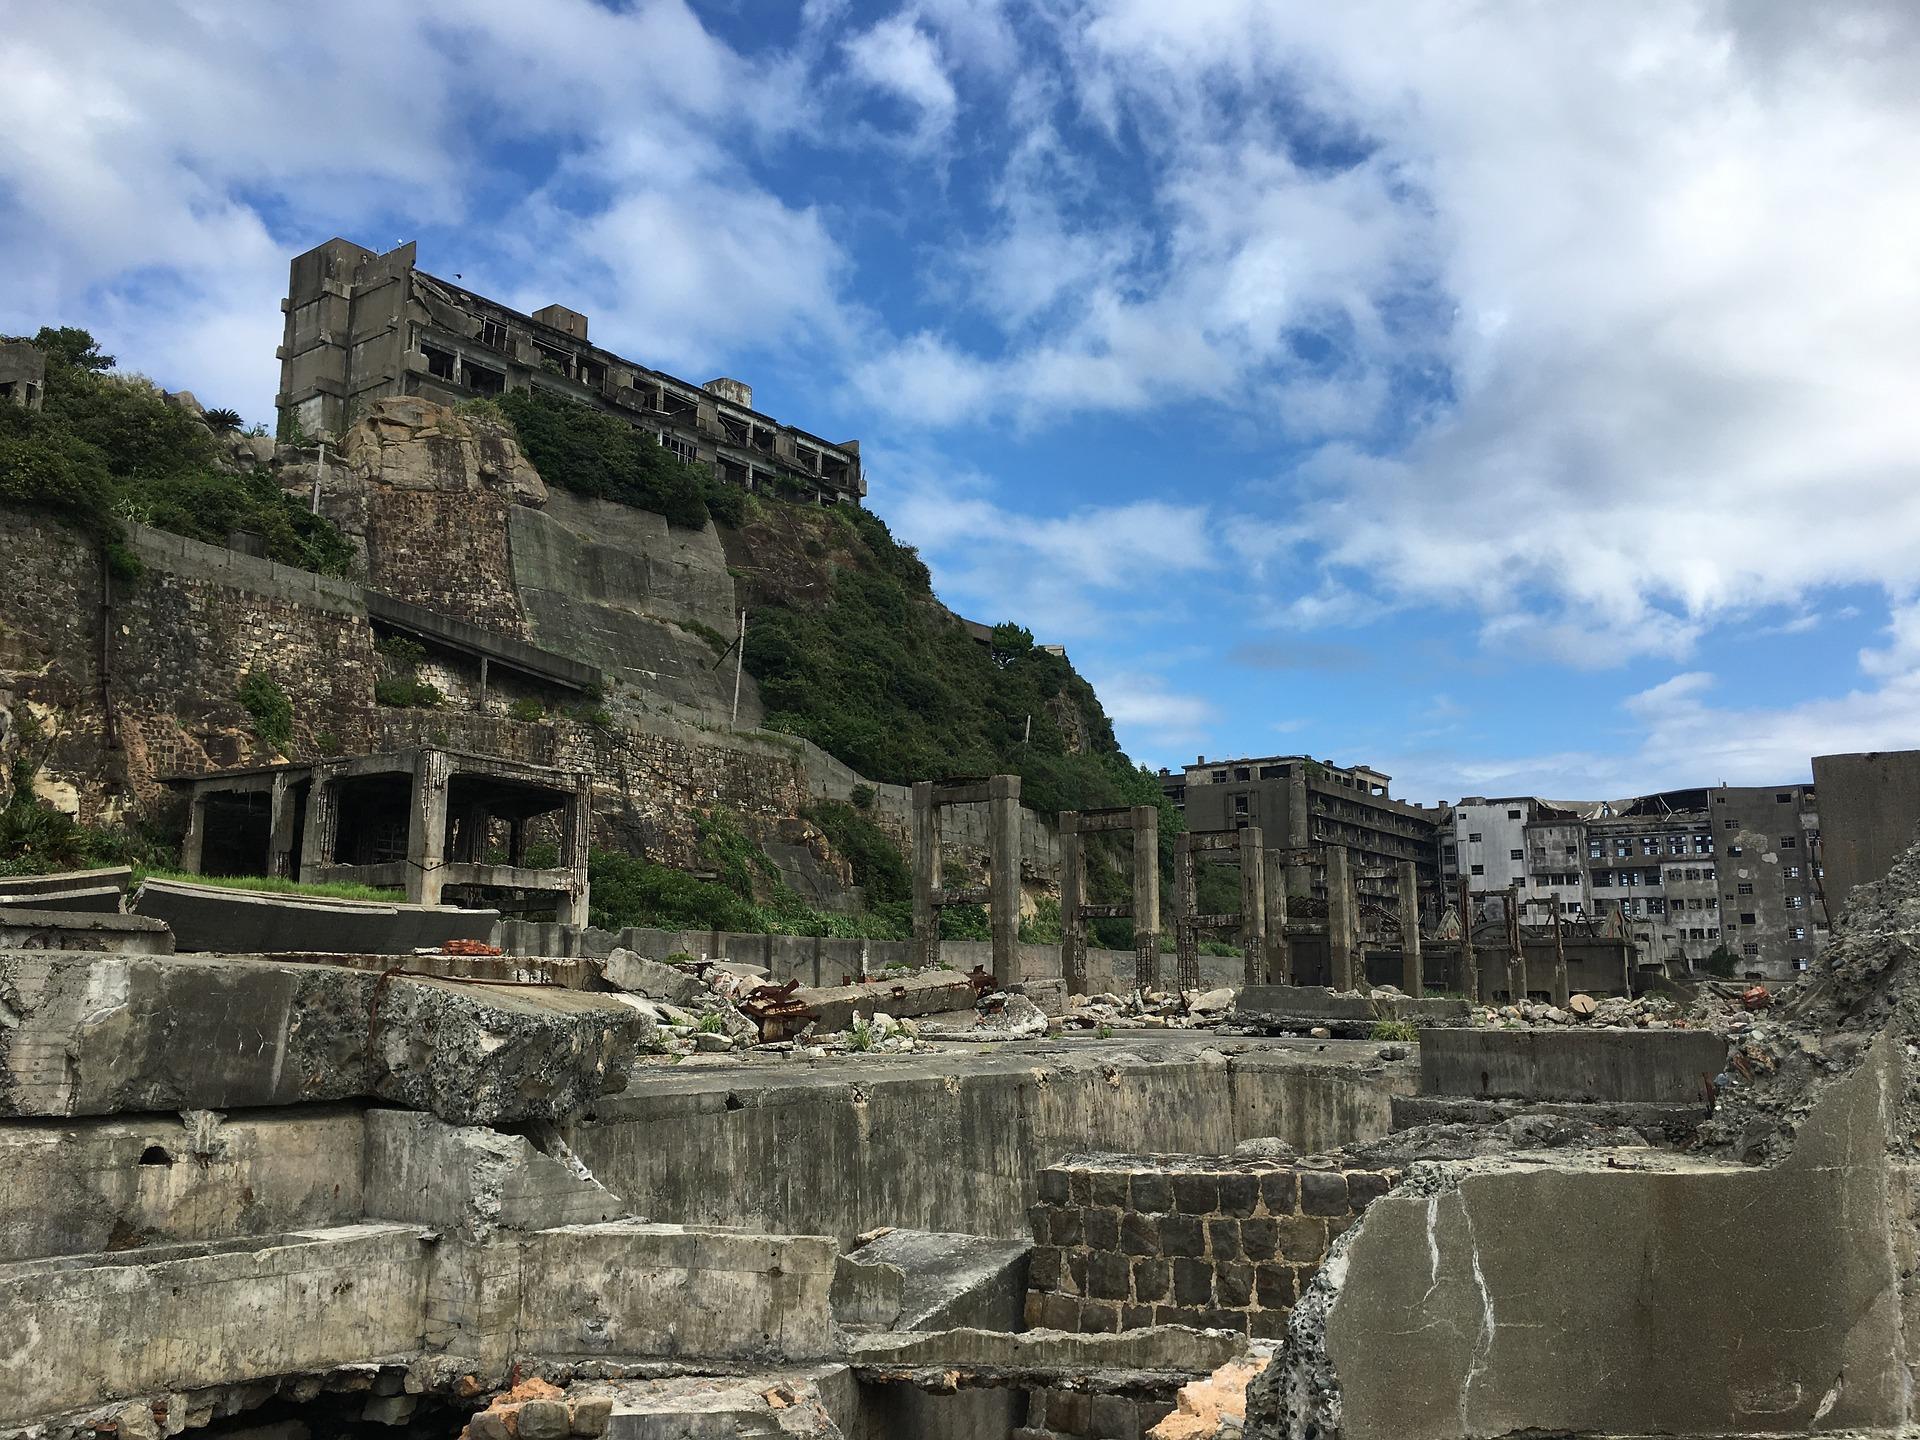 Hashima, l'île fantôme